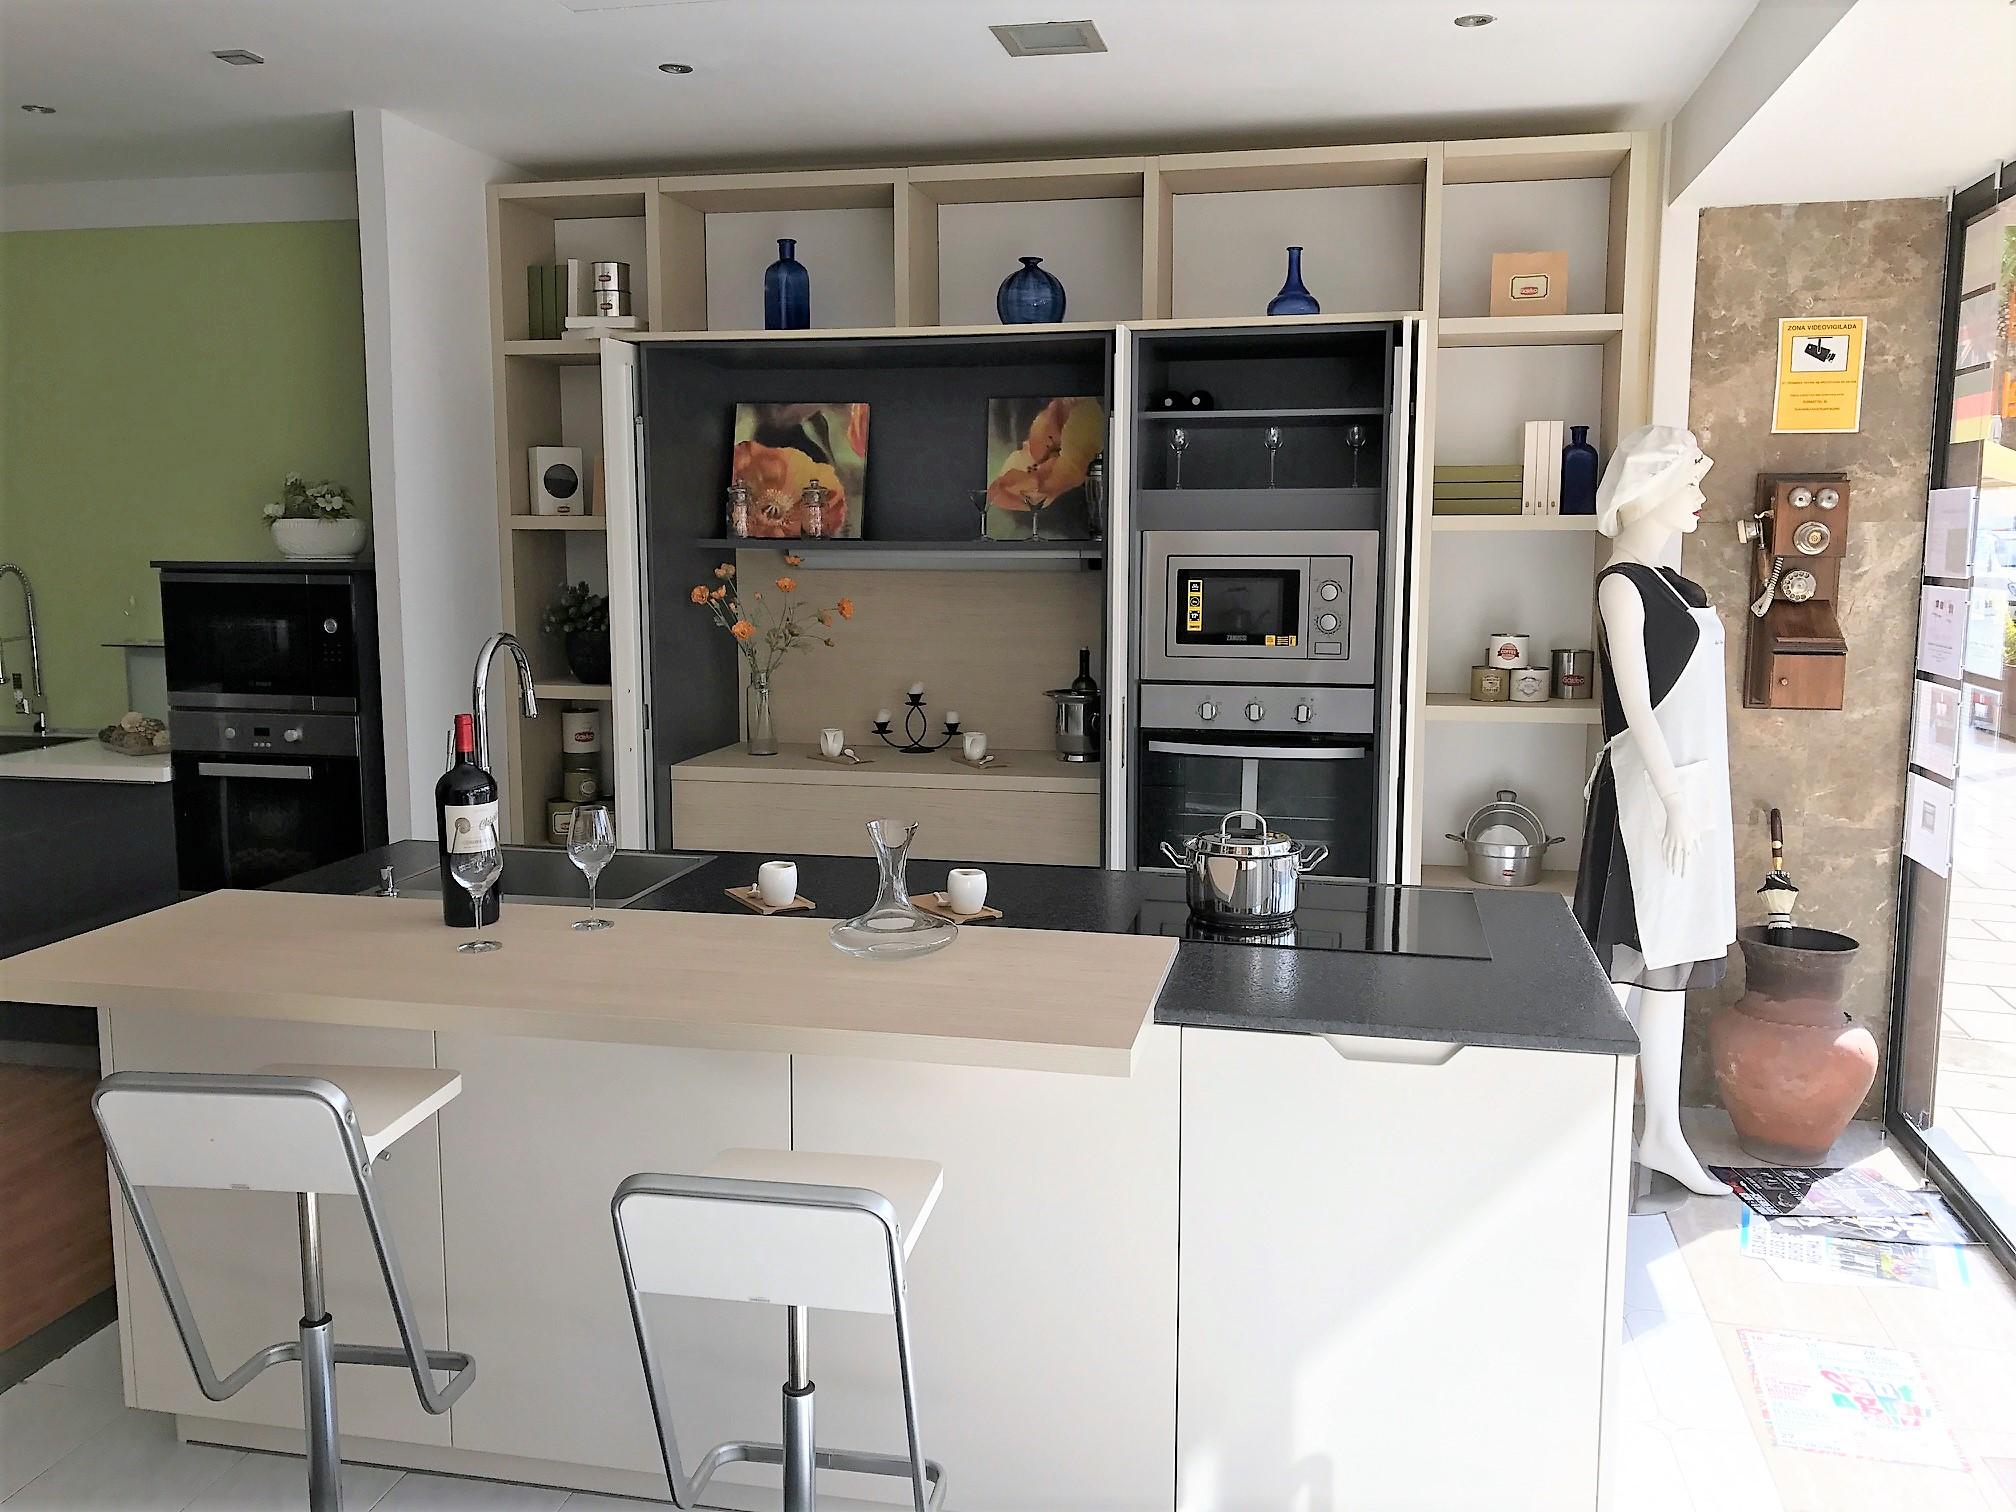 Puertas Plegables Para Cocina Affordable Excellent Y Accesorios  # Muebles Hermanos Seoane